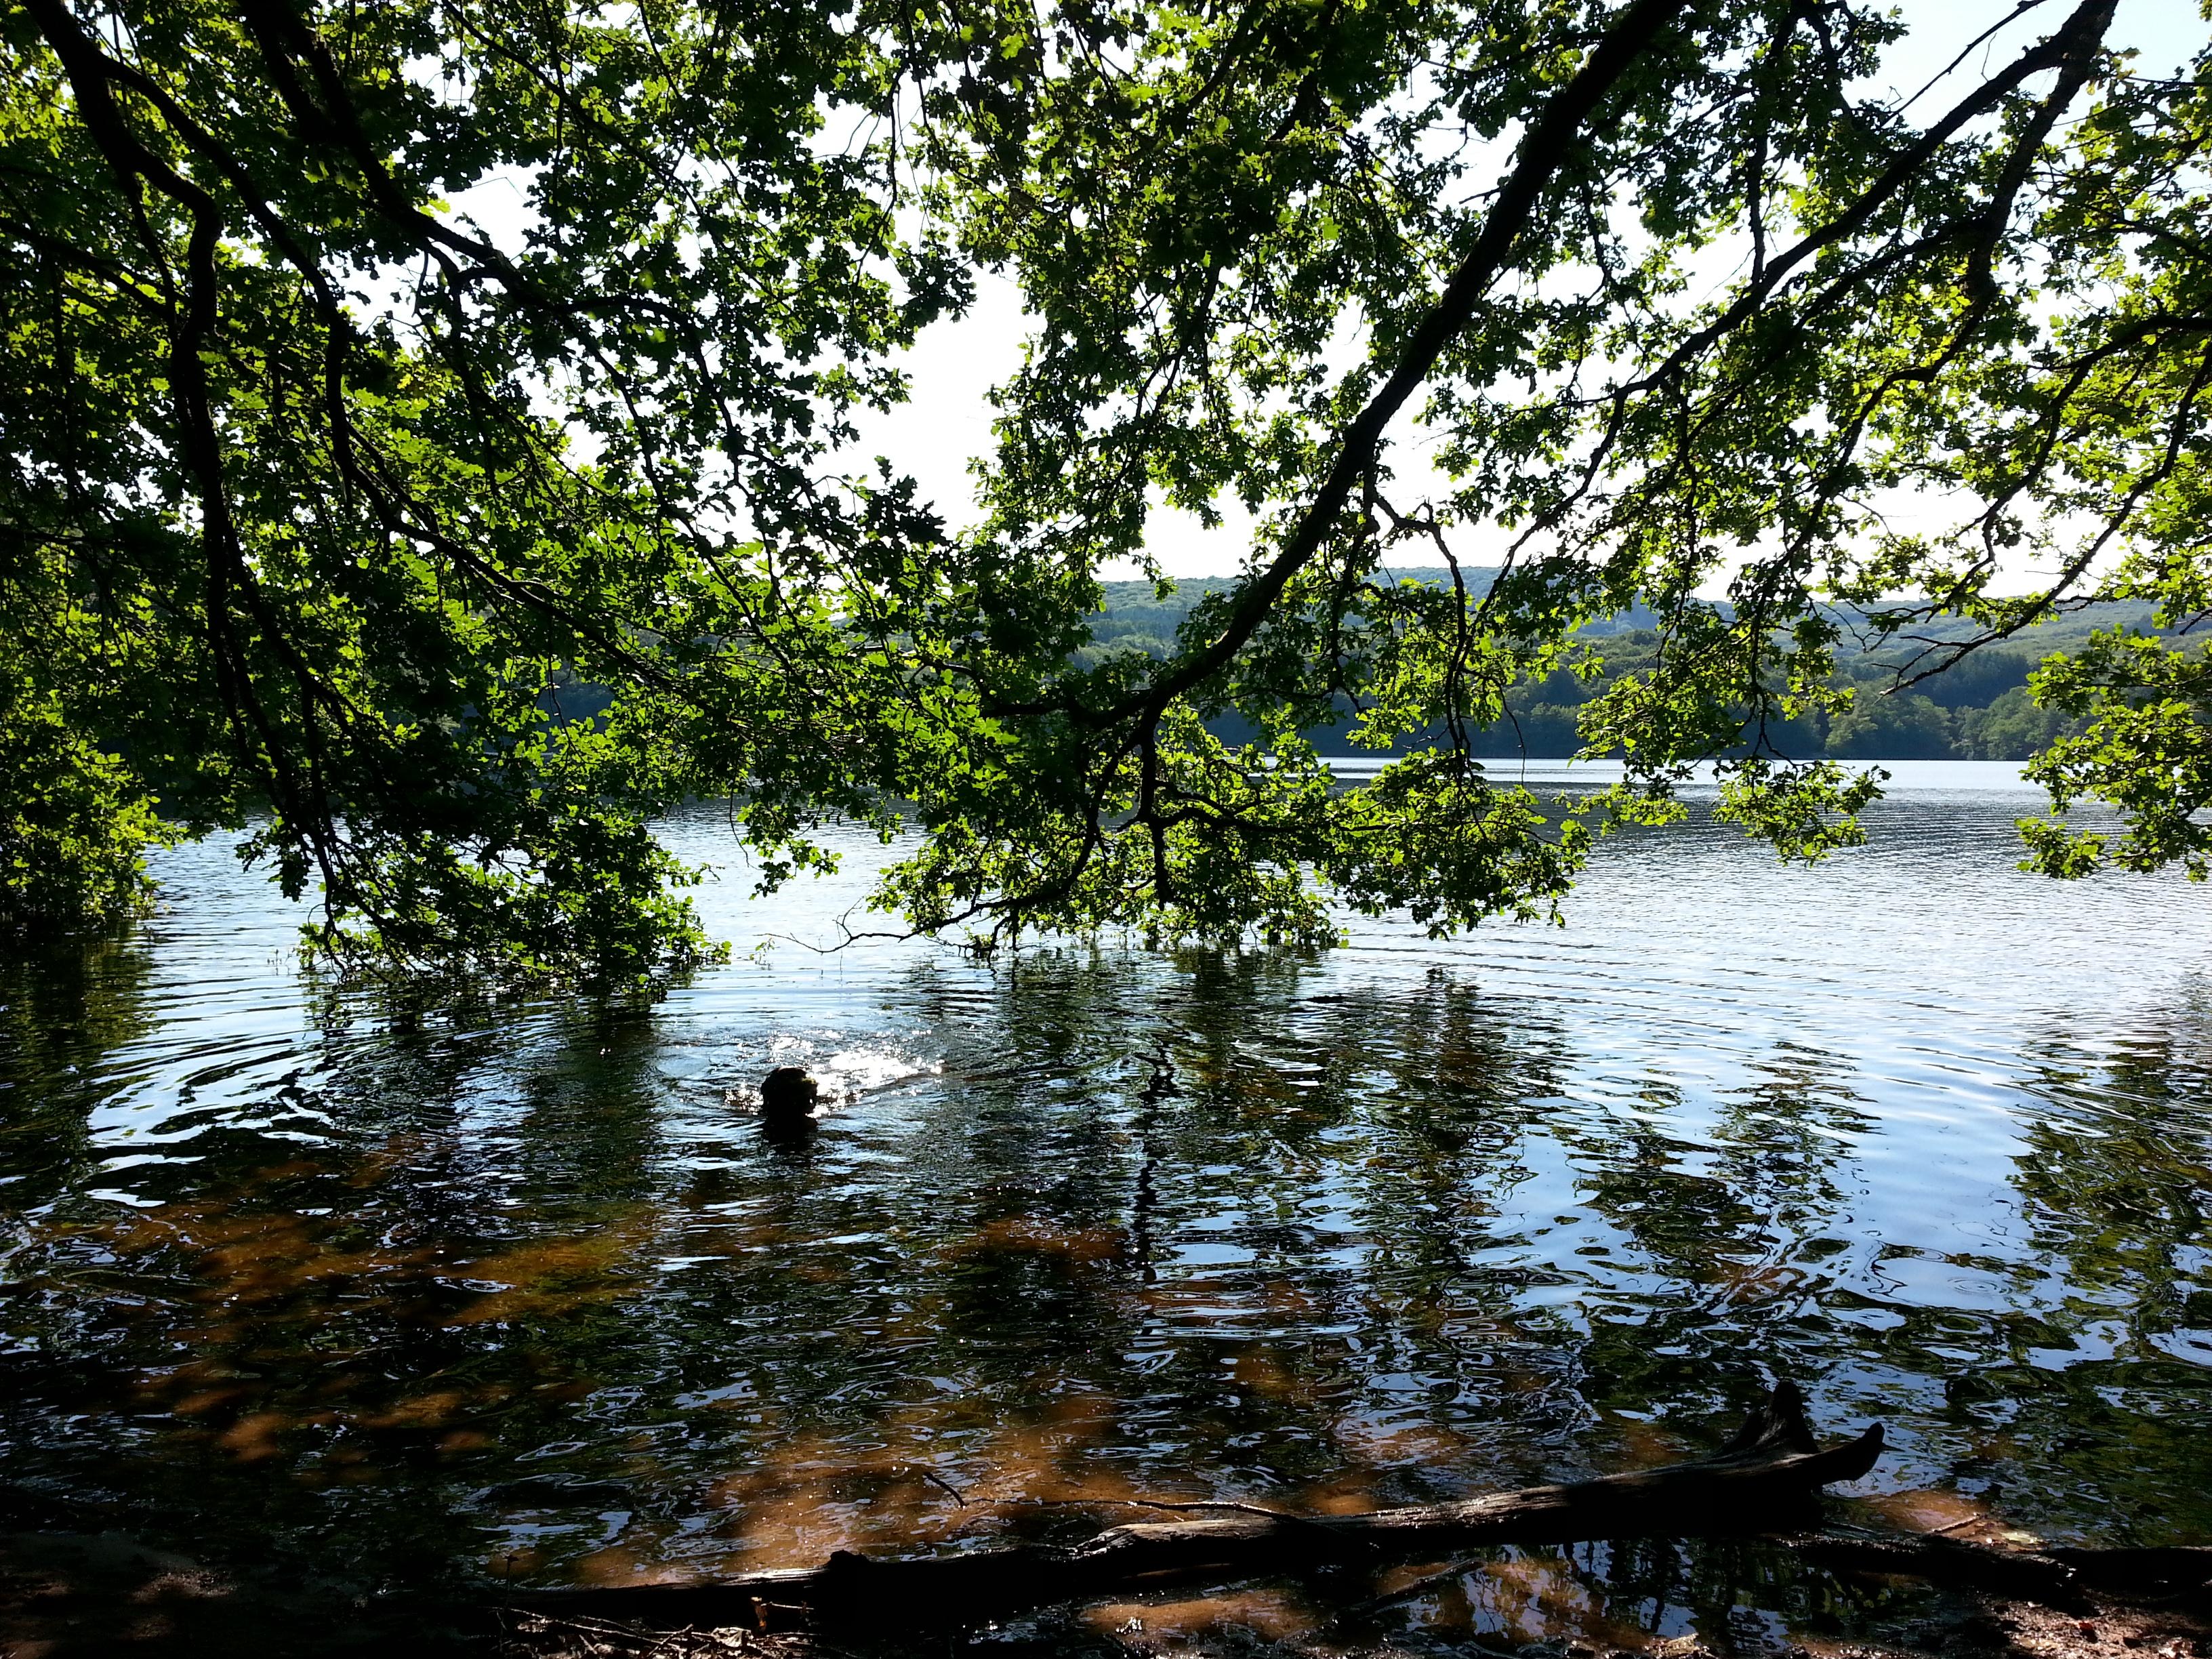 Lac de Chaumecon, paradijs voor mens en dier juni 2015